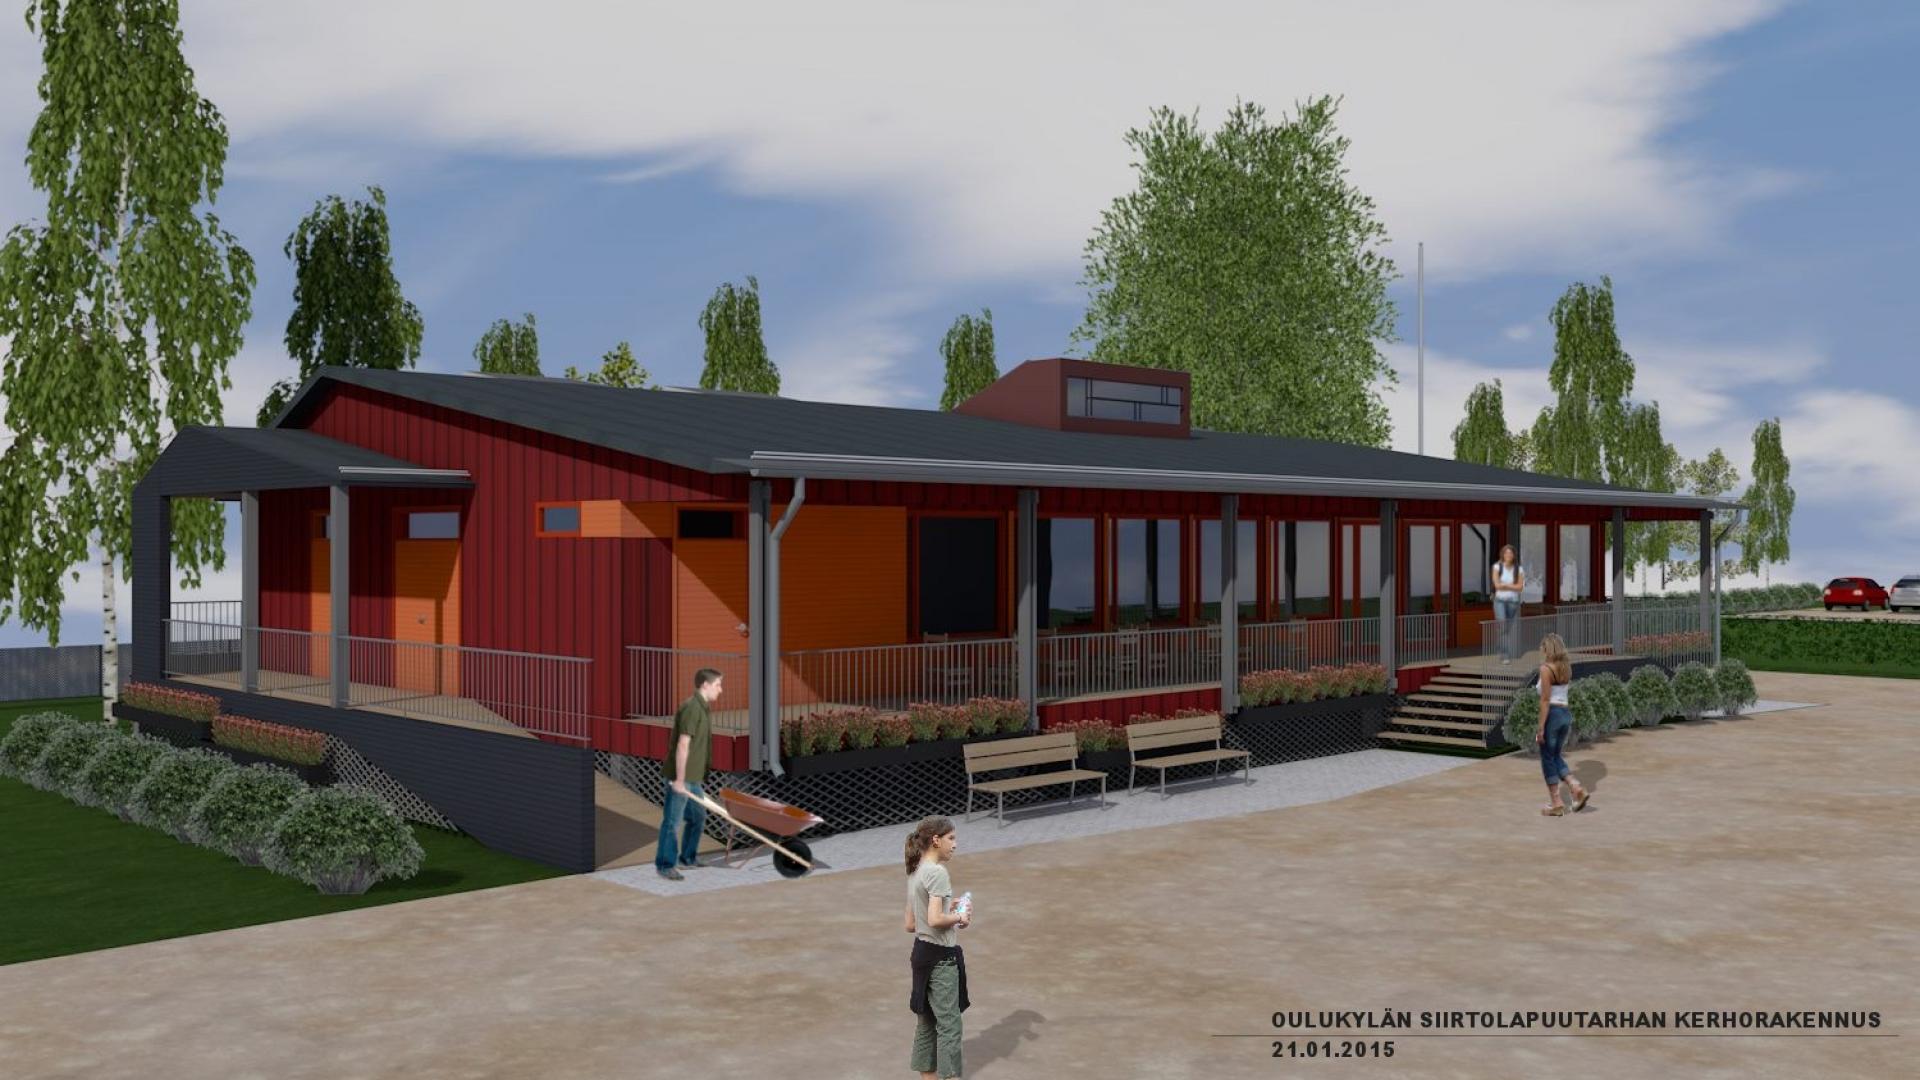 Oulunkylä garden society club house